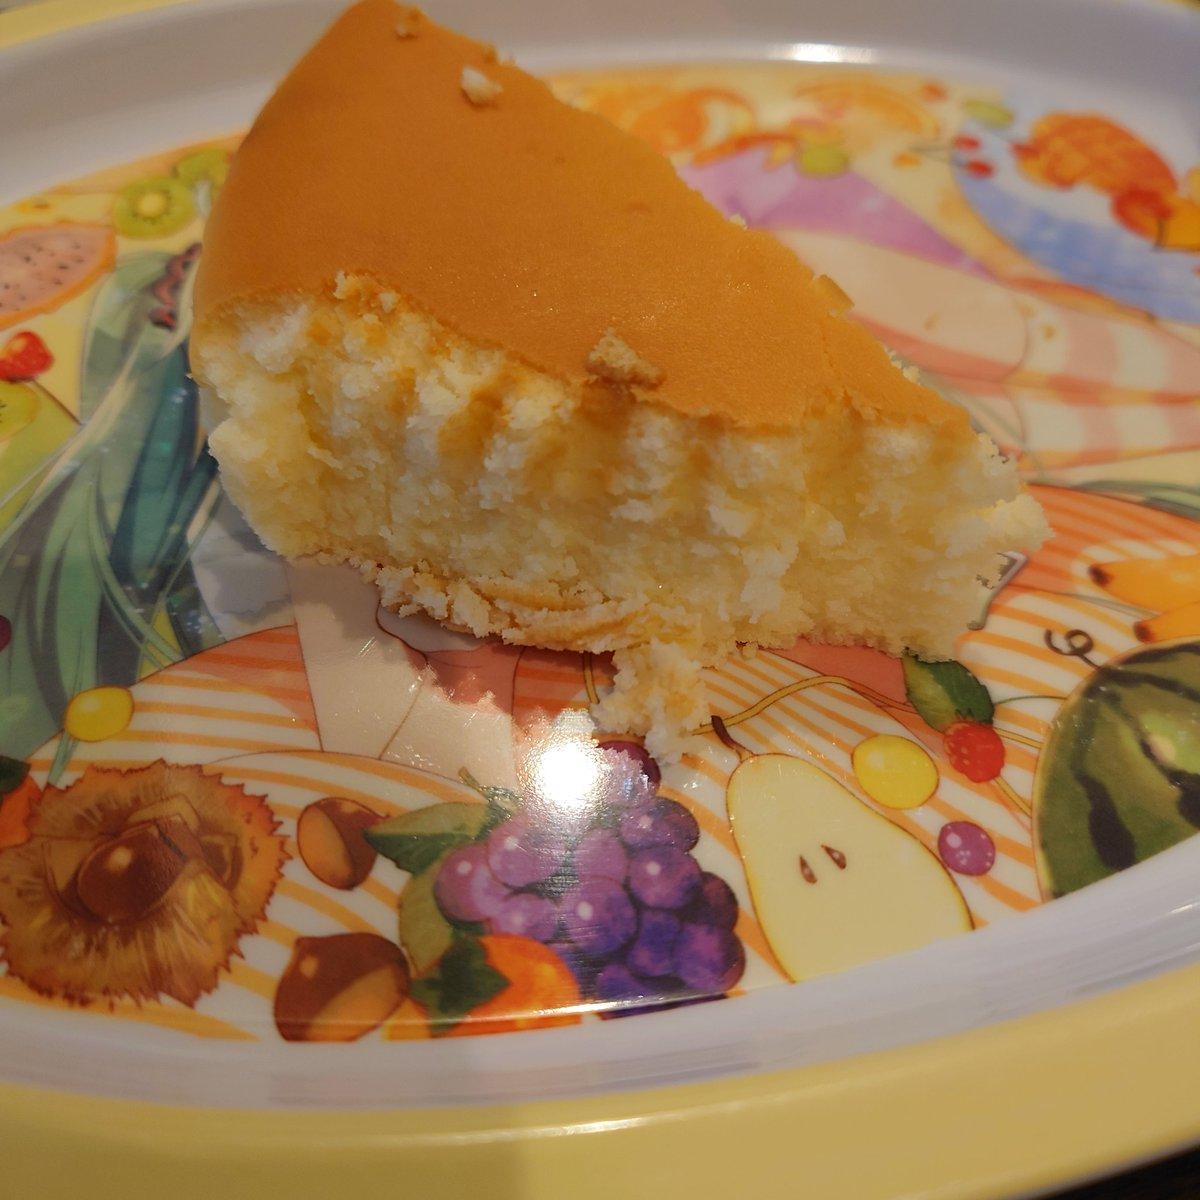 test ツイッターメディア - チーズガーデン『御用邸チーズケーキ』をいただきました!しっとり濃厚な味わいですが、チーズのくどさはないのでスススと口の中に入っていきます。1ホールなくなってしまった…紅茶があると優雅な気分になれそうですね。 4枚目はレンチンバージョン。しゅわしゅわ食感で軽い口当たりに大変身! https://t.co/FQ6mbFWIsV